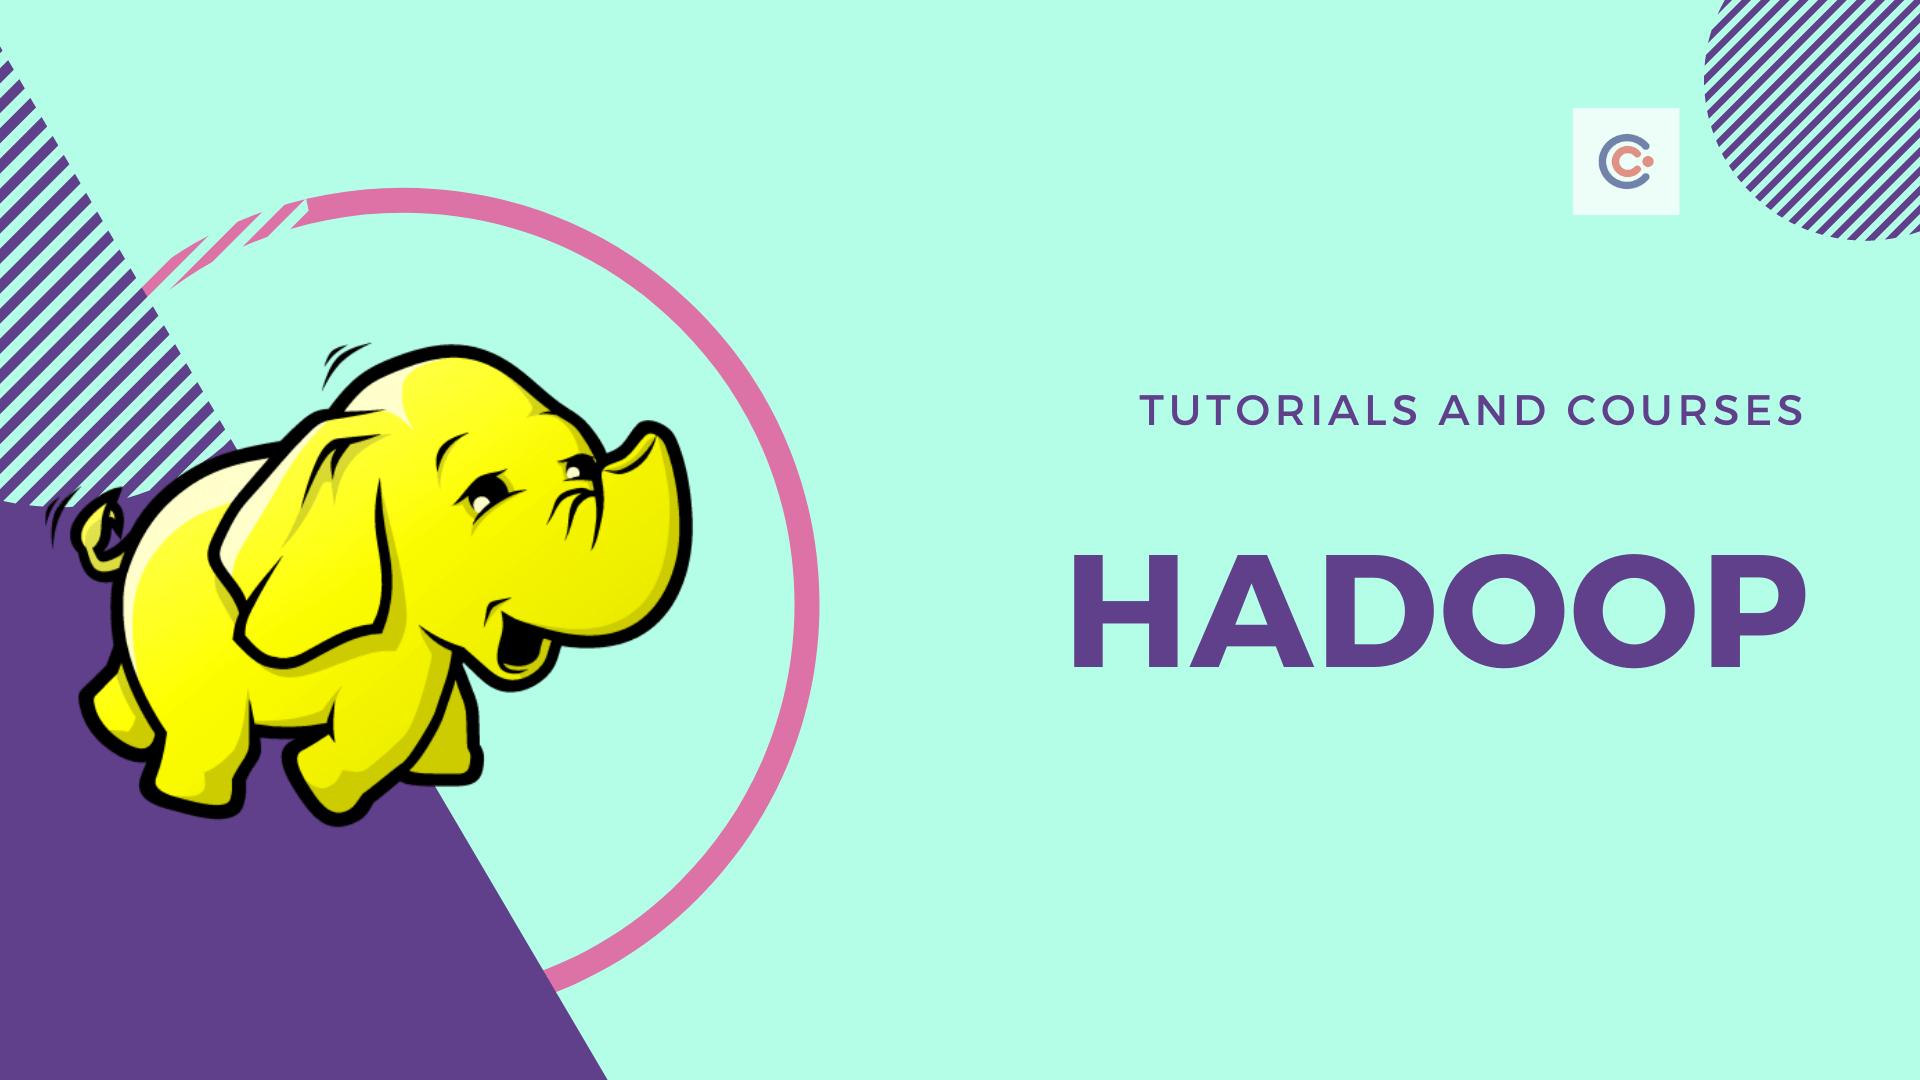 9 Best Hadoop Courses and Tutorials - Learn Hadoop Online